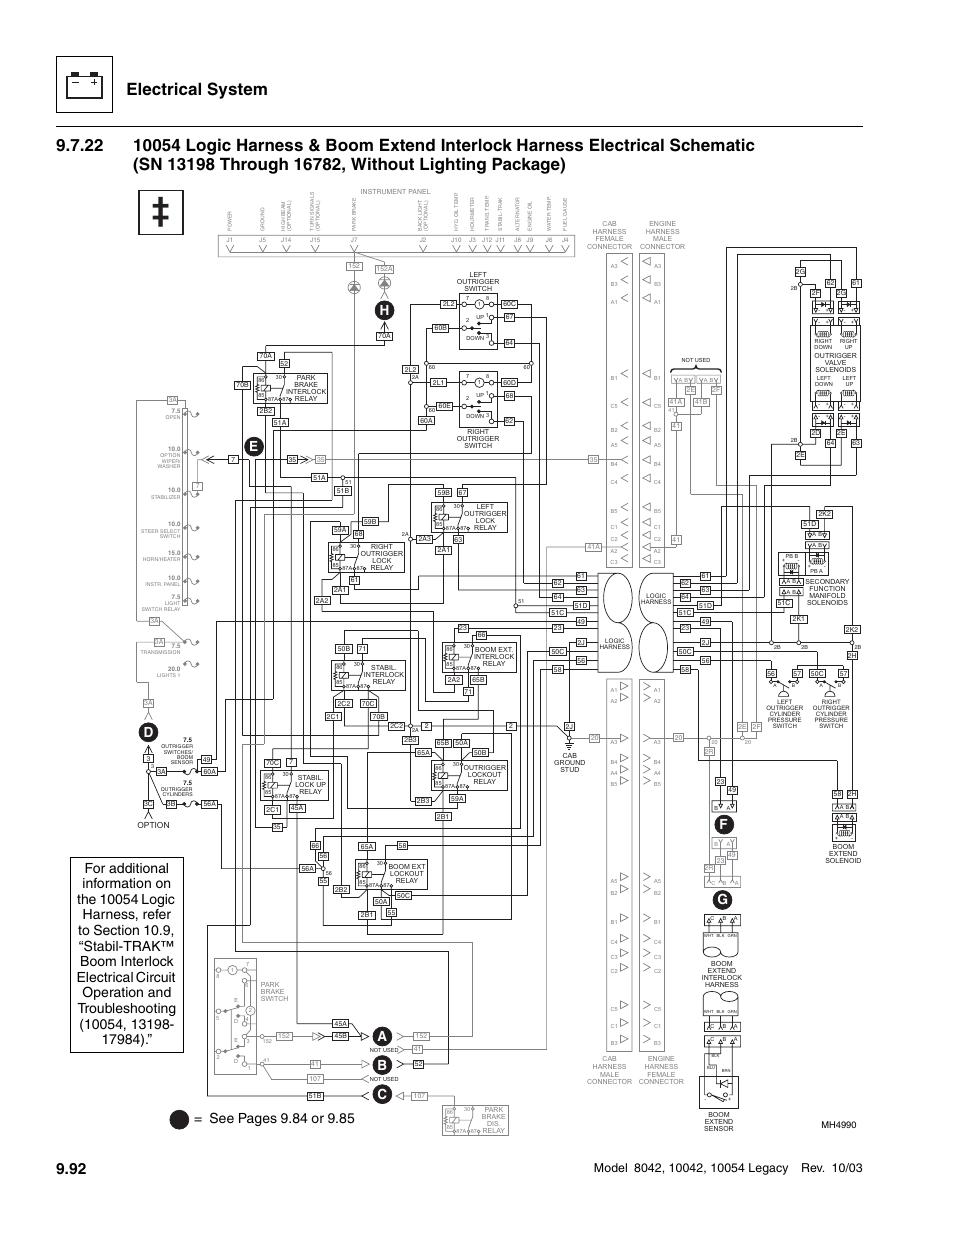 medium resolution of 2b1 wiring diagram repair manual wiring library2b1 wiring diagram repair manual